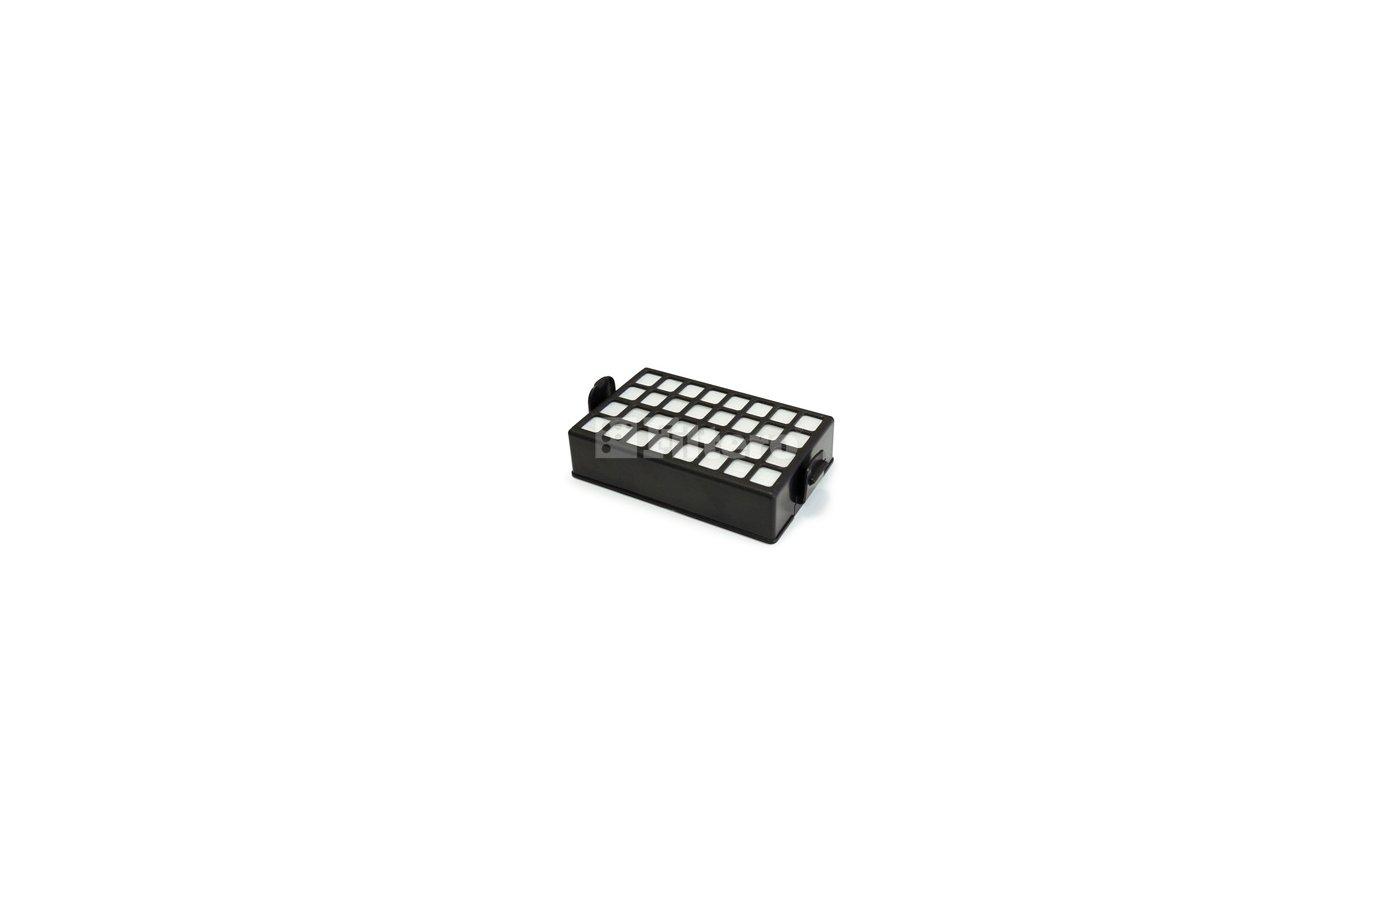 Фильтр для пылесоса SAMSUNG VCA-VH85 HEPA фильтр для д/пылесоса SAMSUNG SC85..